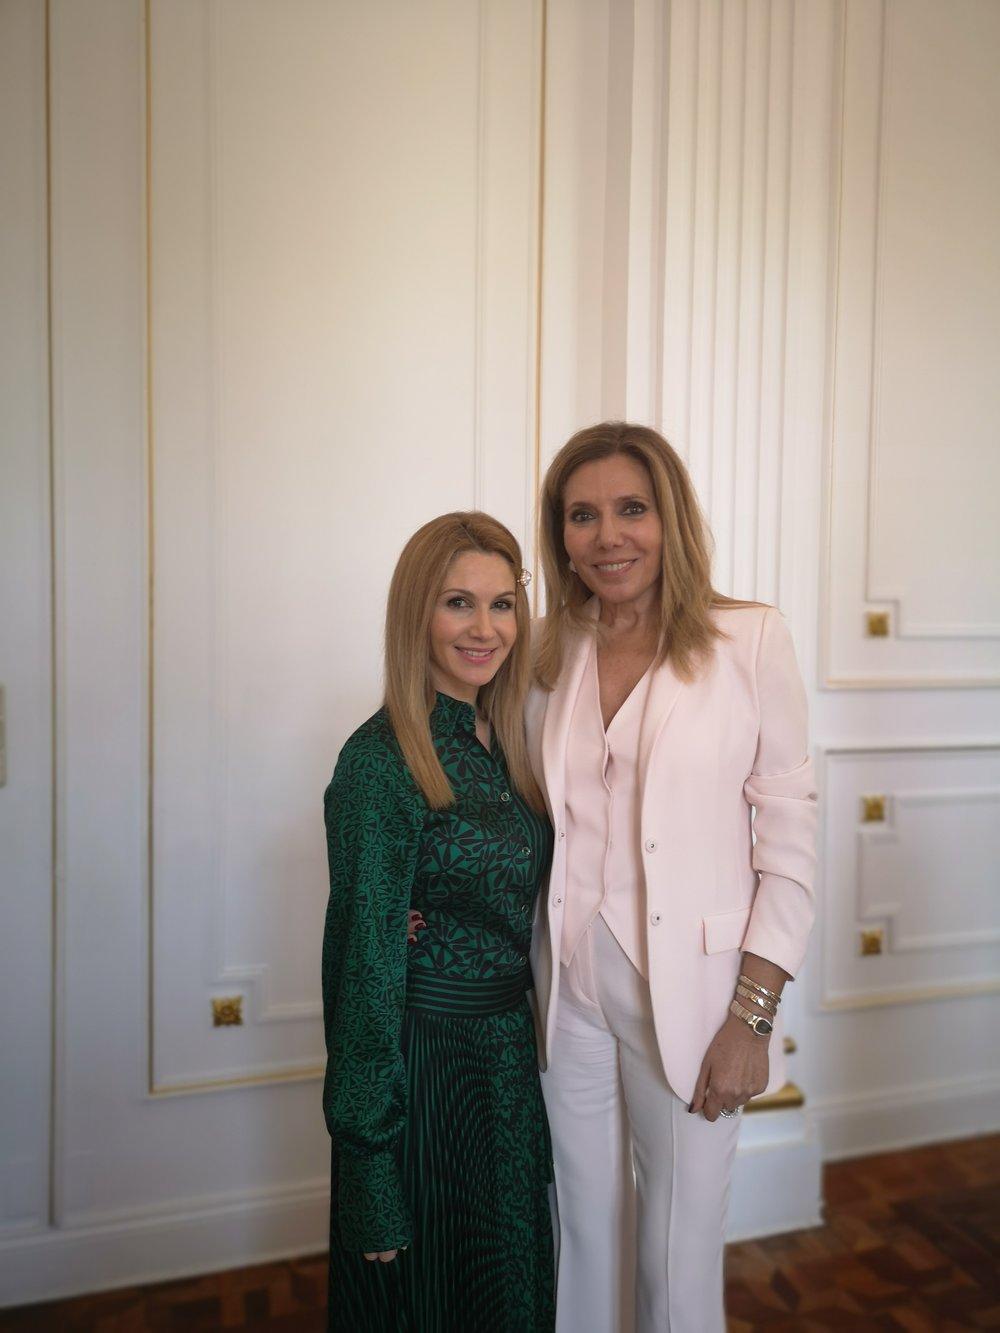 Si os gusta la moda tanto como a mí, os aconsejo que no perdáis detalle del elegantísimo traje de chaqueta que escogió Maribel Yébenes para el evento.